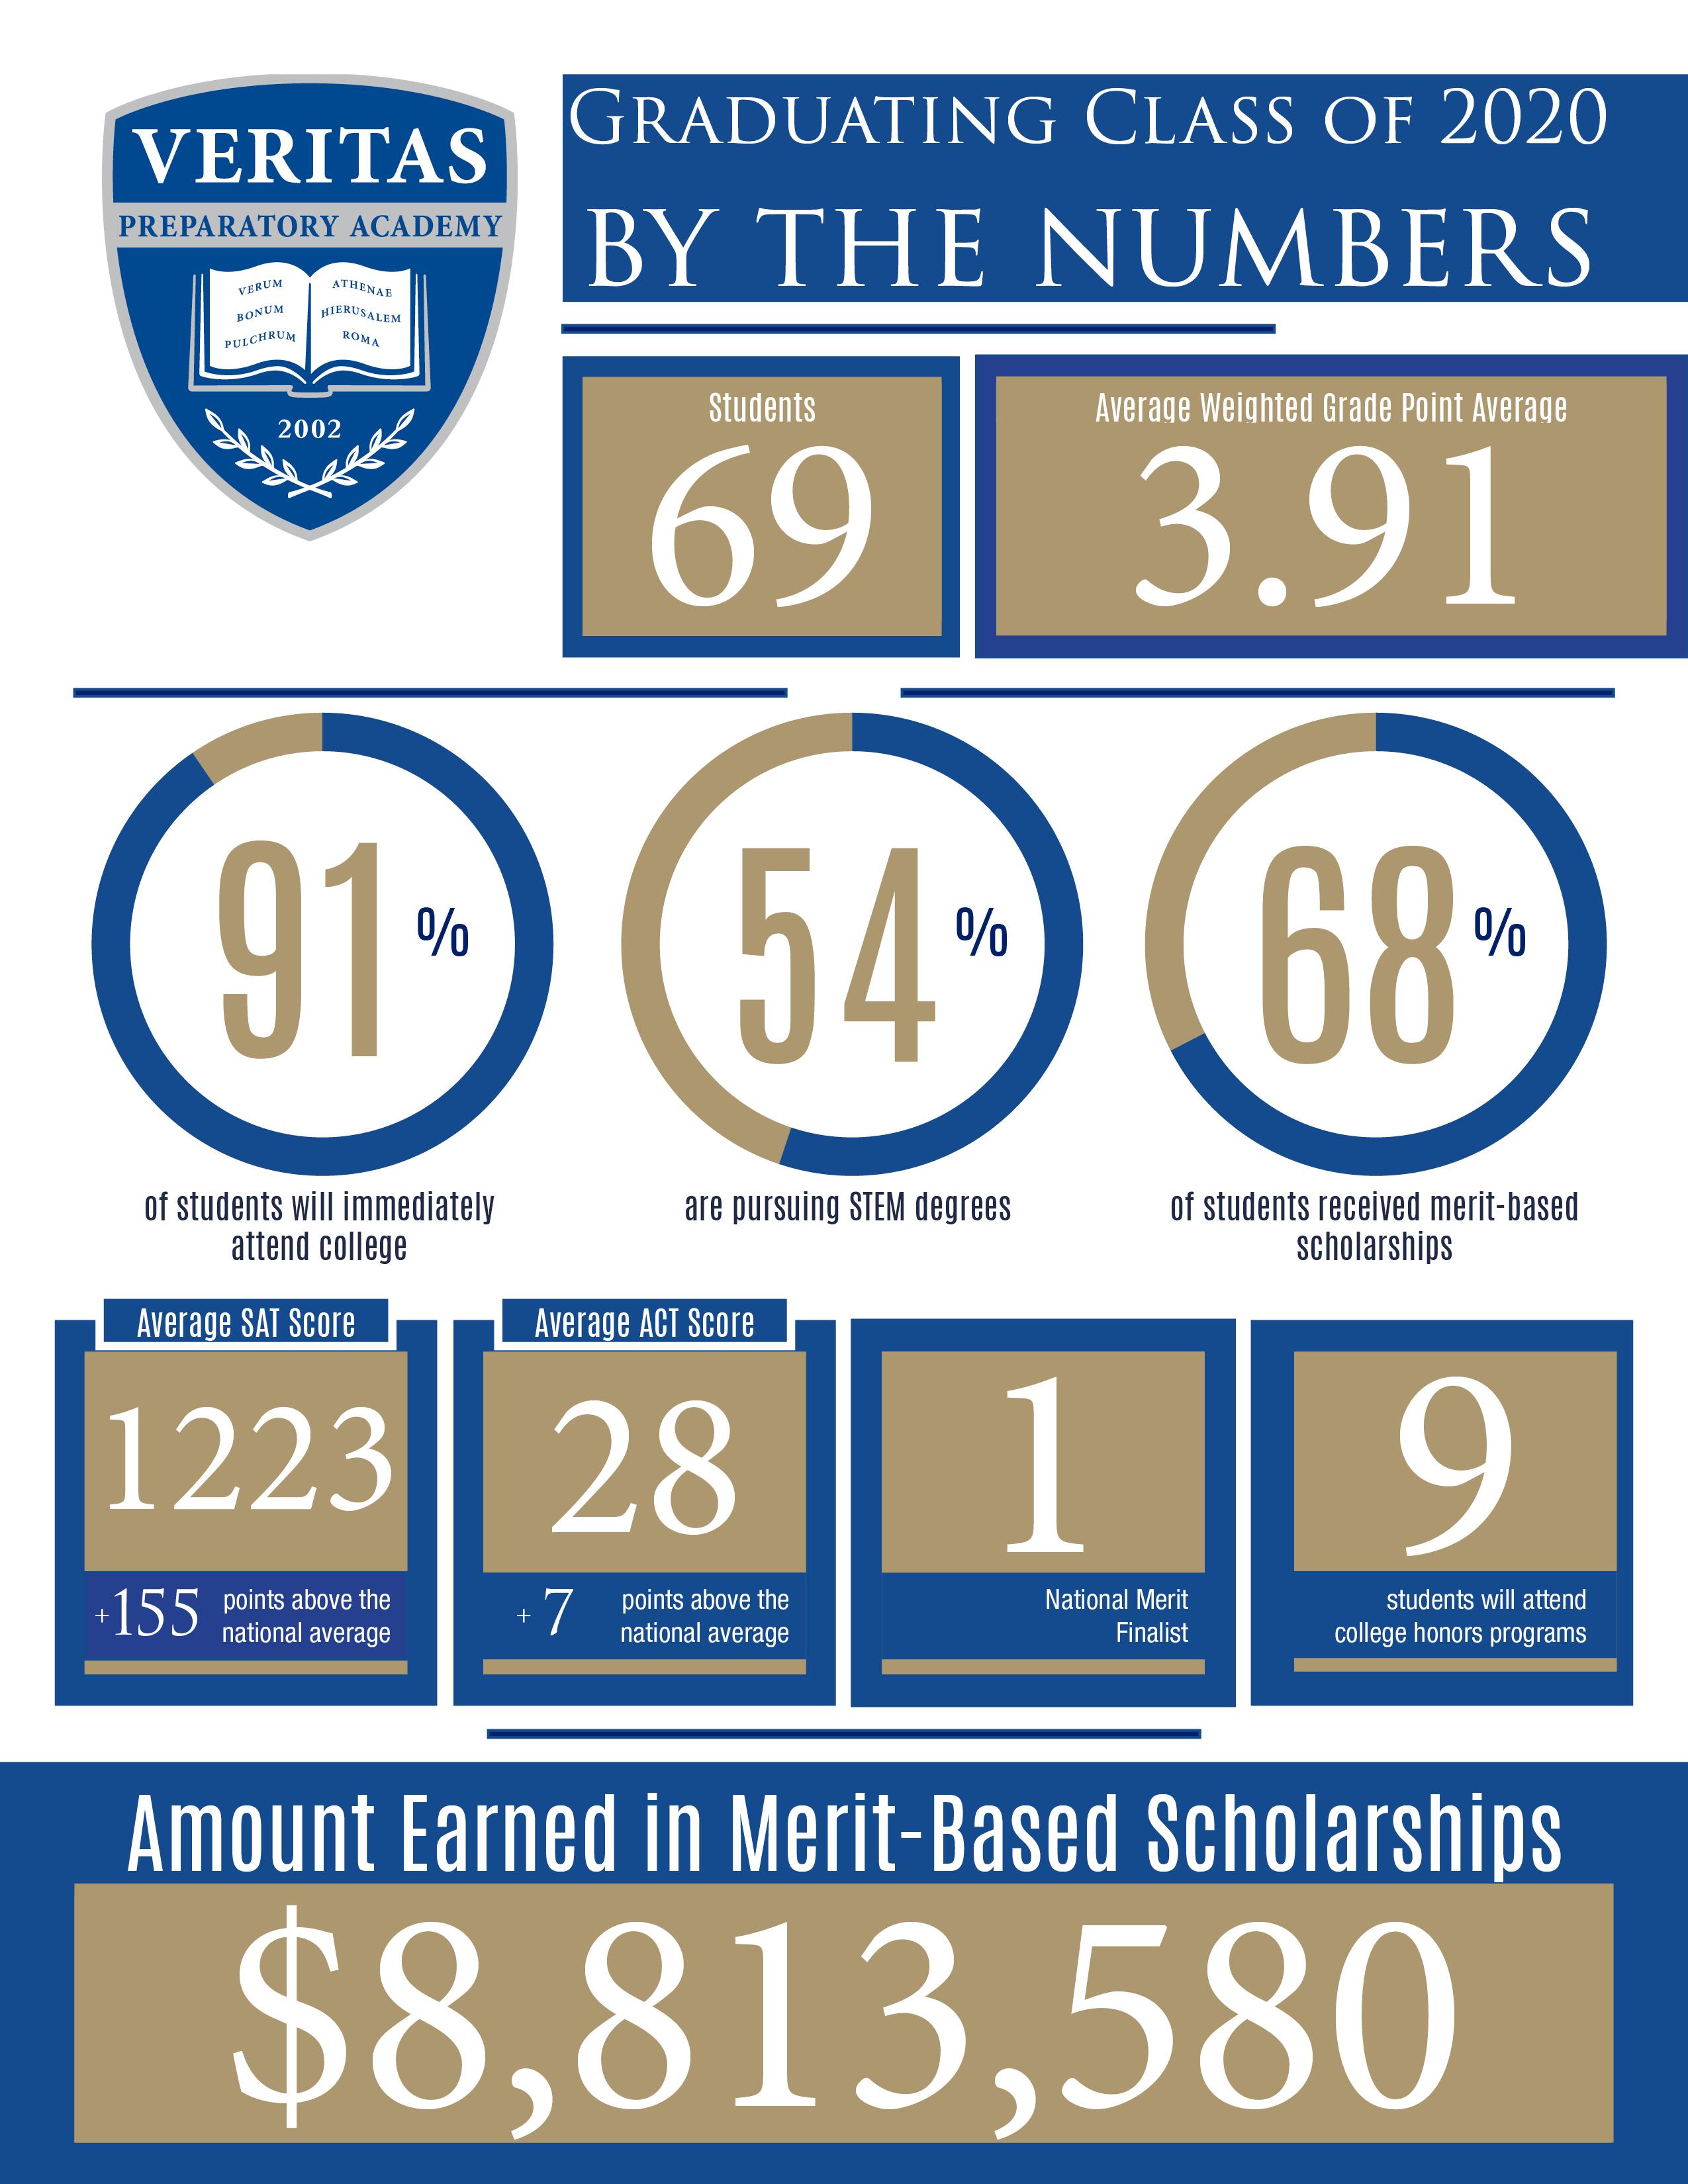 8.8 million in scholarships